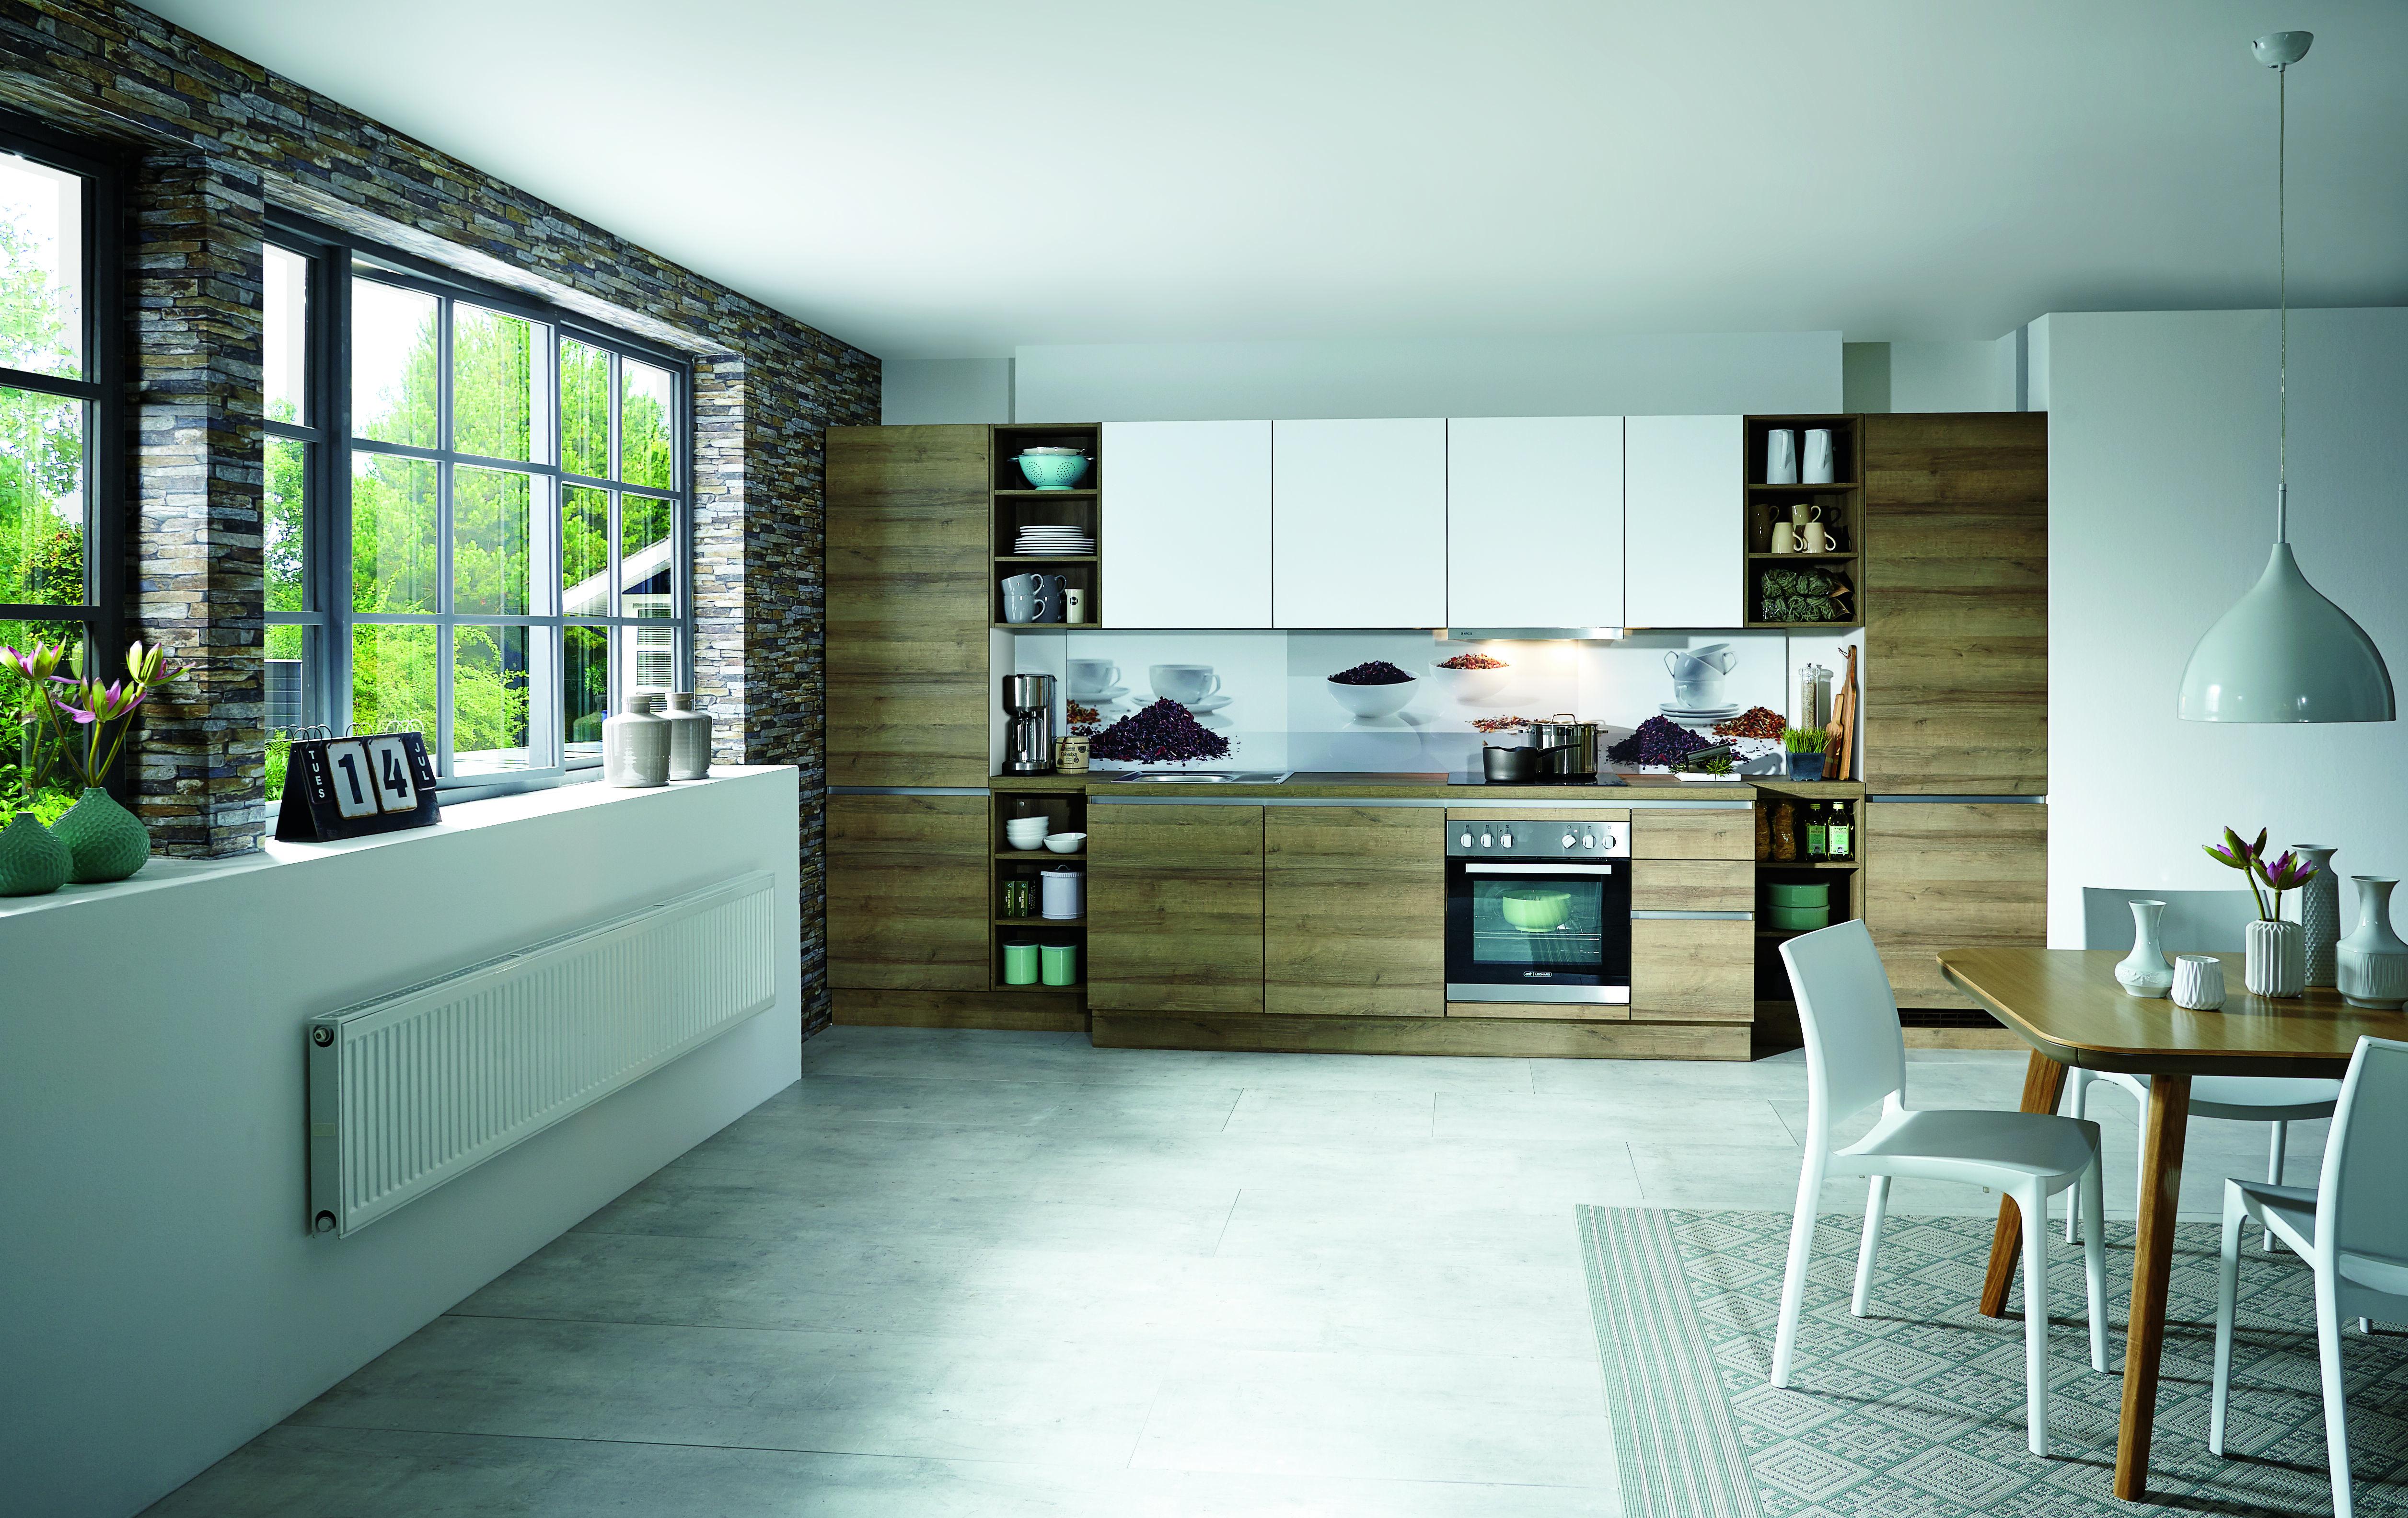 Holzdekor Küchen - Küchentrends in Holzfarben - Küche&Co